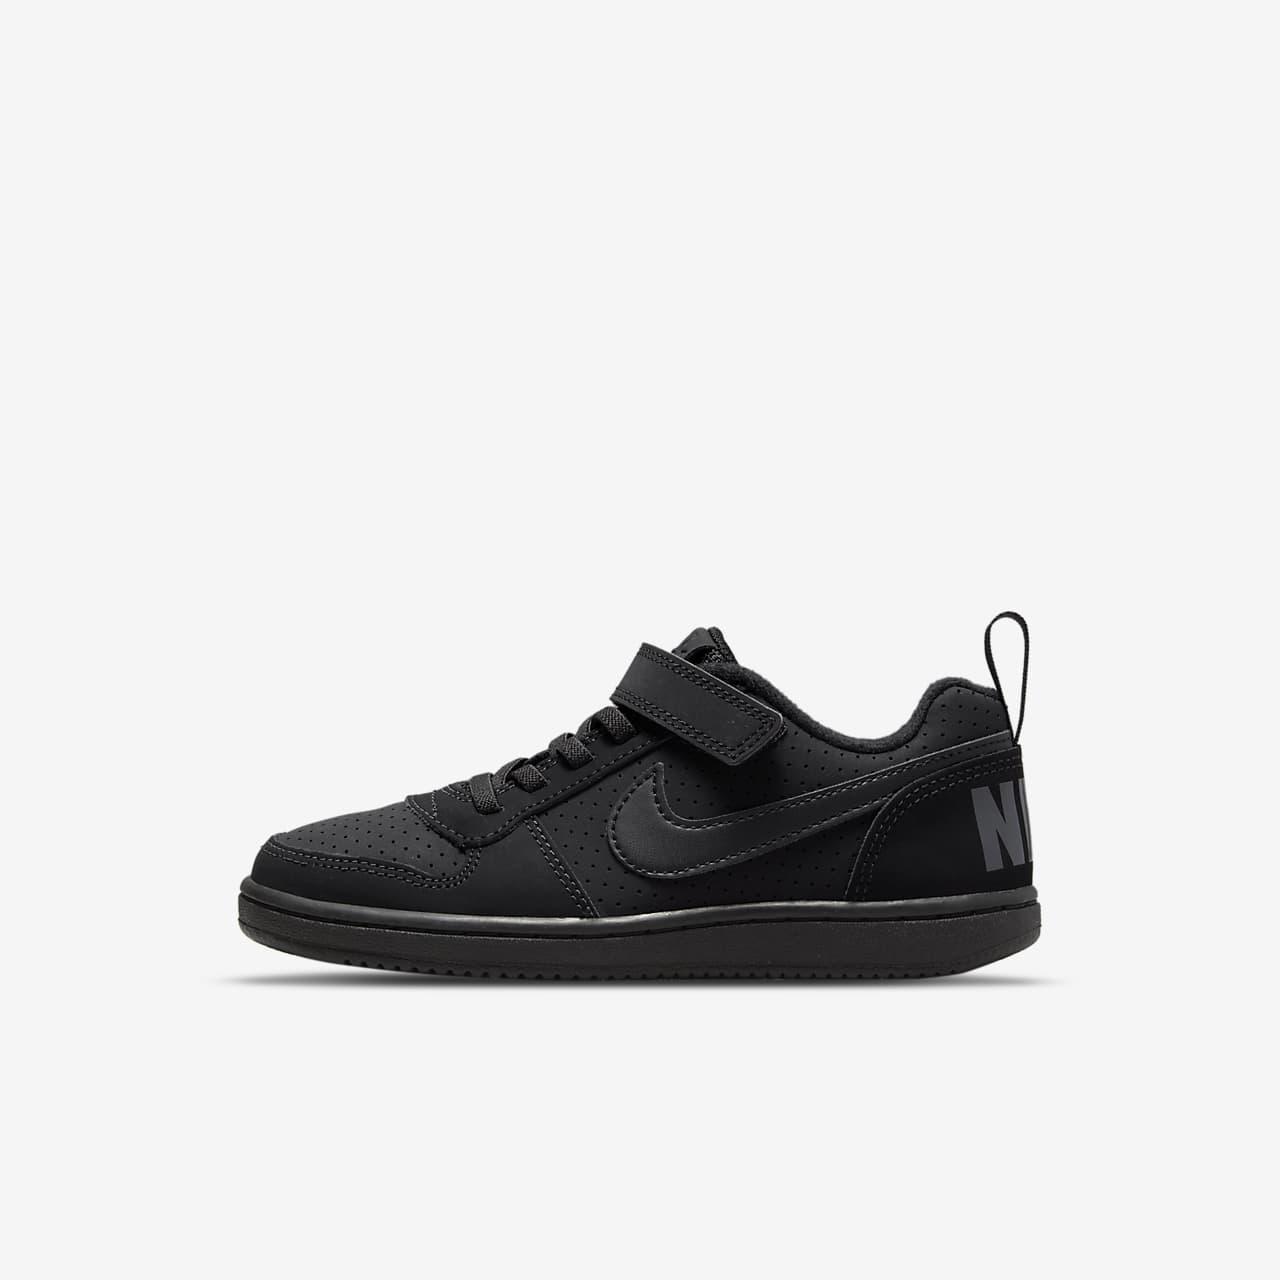 Borough Nikecourt Chaussure Low Jeune Fr Enfant Pour 5r5qnwxd